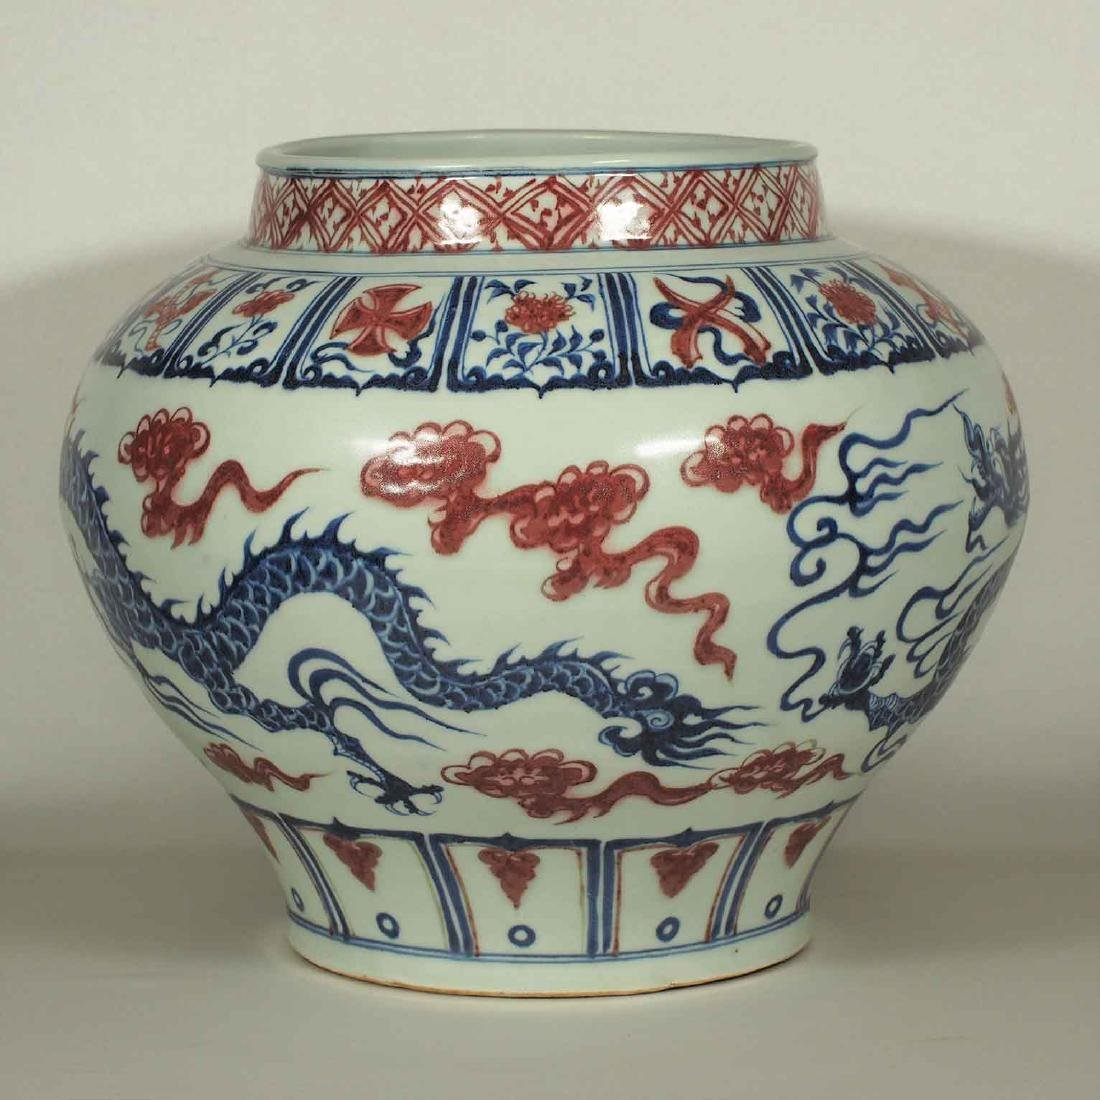 Jar with Dragon Design, Yuan Dynasty - 4